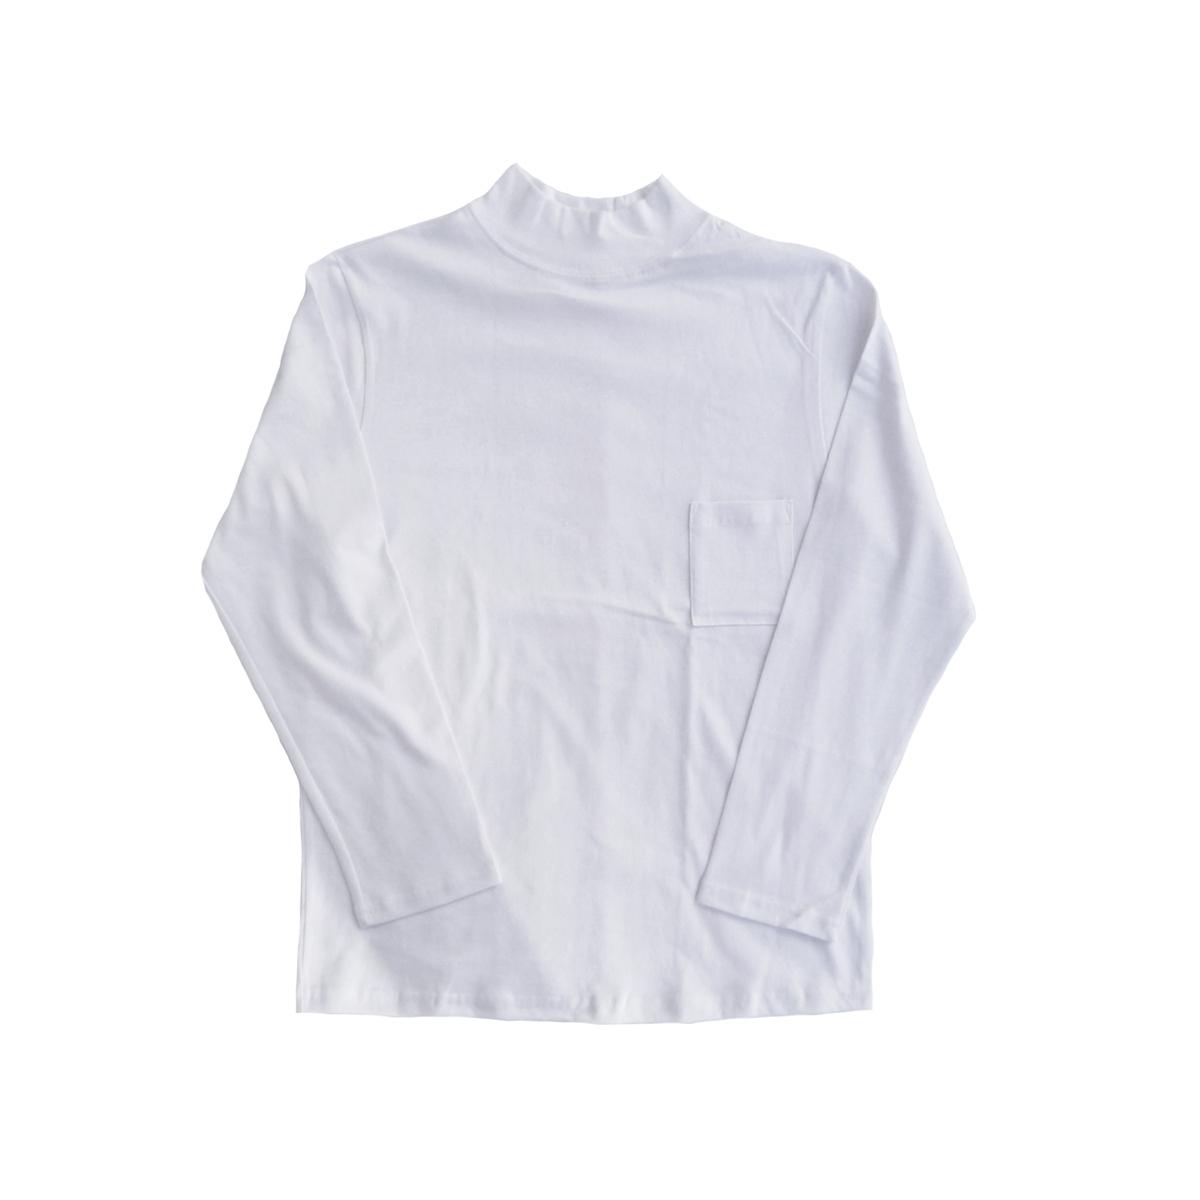 画像1: 【セール 60%OFF】BACK HEAD ハイネック ロングスリーブ Tシャツ ホワイト メンズ (1)